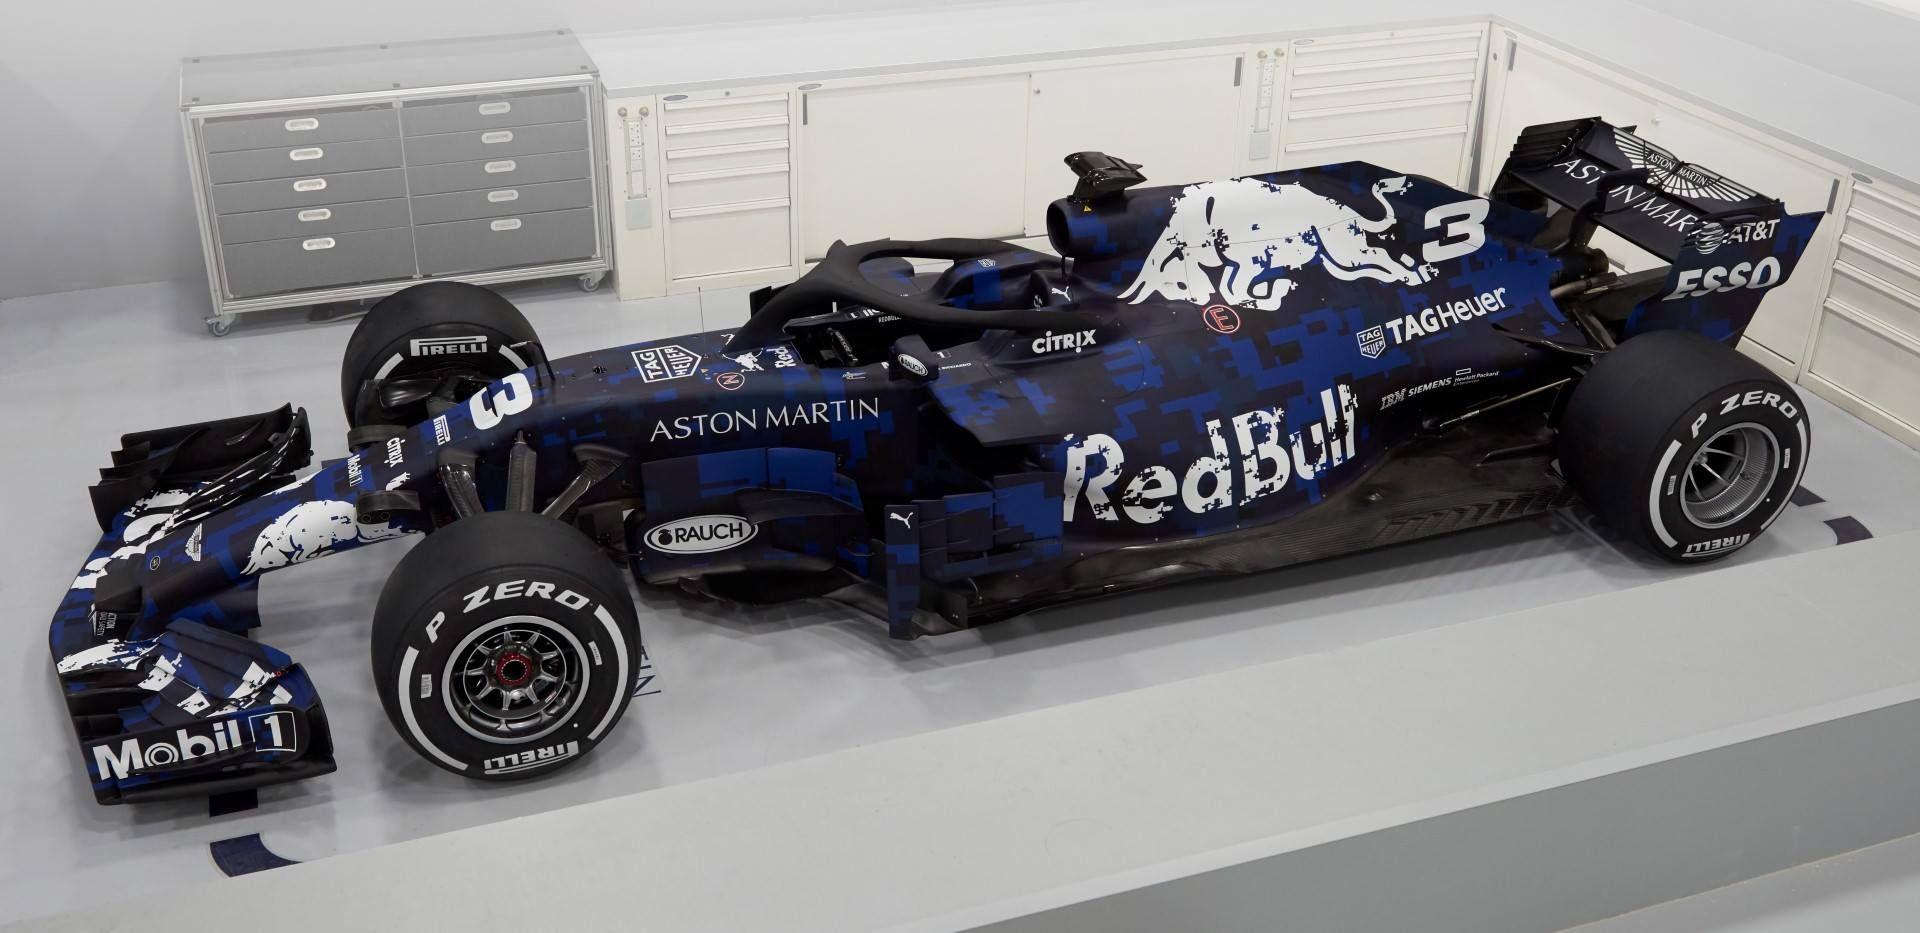 Aston Martin Red Bull Racing Da Ist Der Neue Formel 1 Flitzer Astonmartin Redbull Rbracing Rb14 Aston Martin Aston Formel 1 Formel 1 Wagen Rennwagen